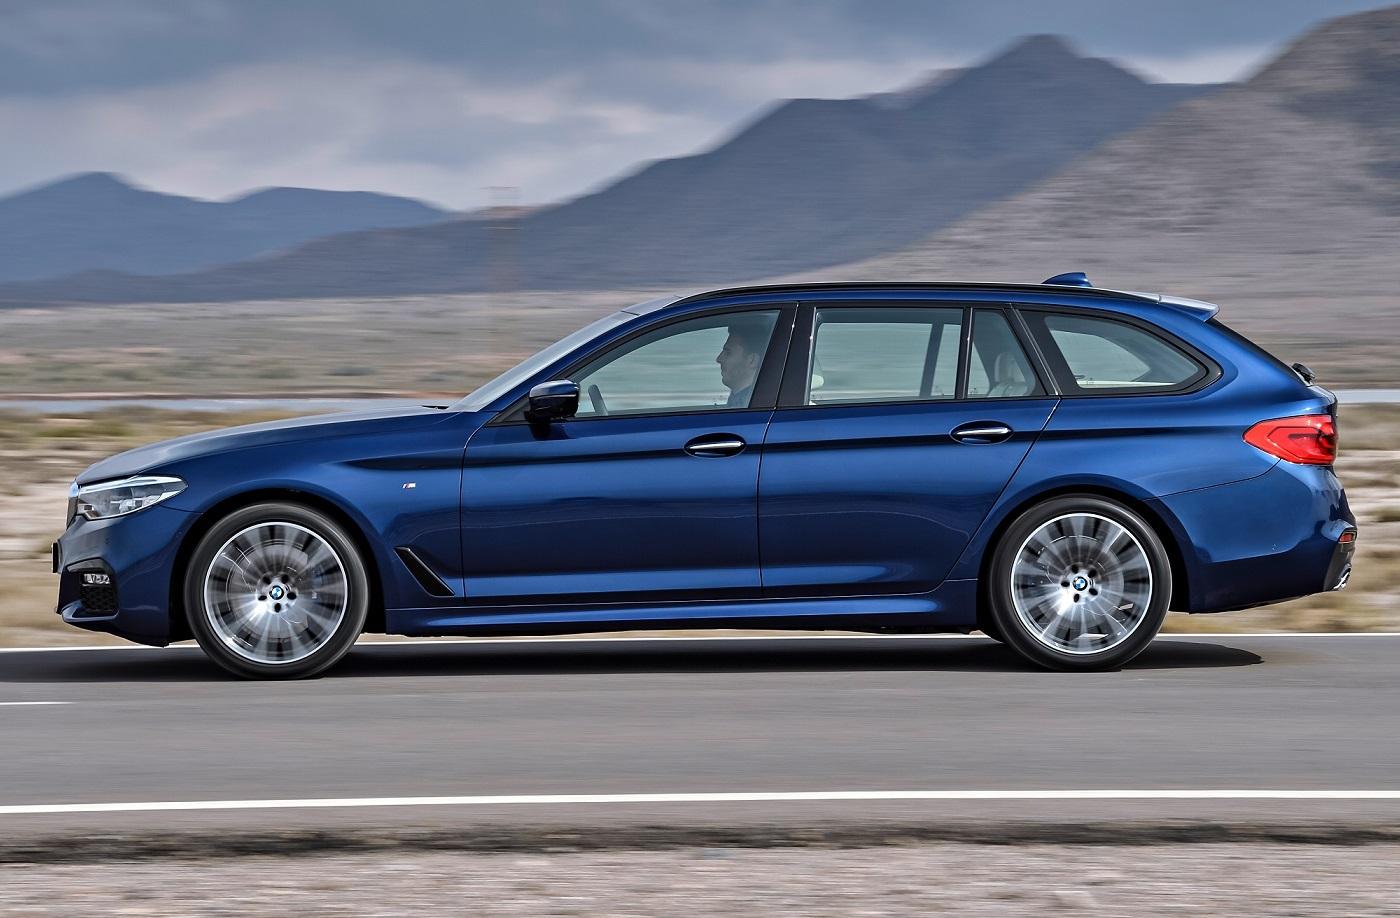 BMW Série 5 Touring de perfil